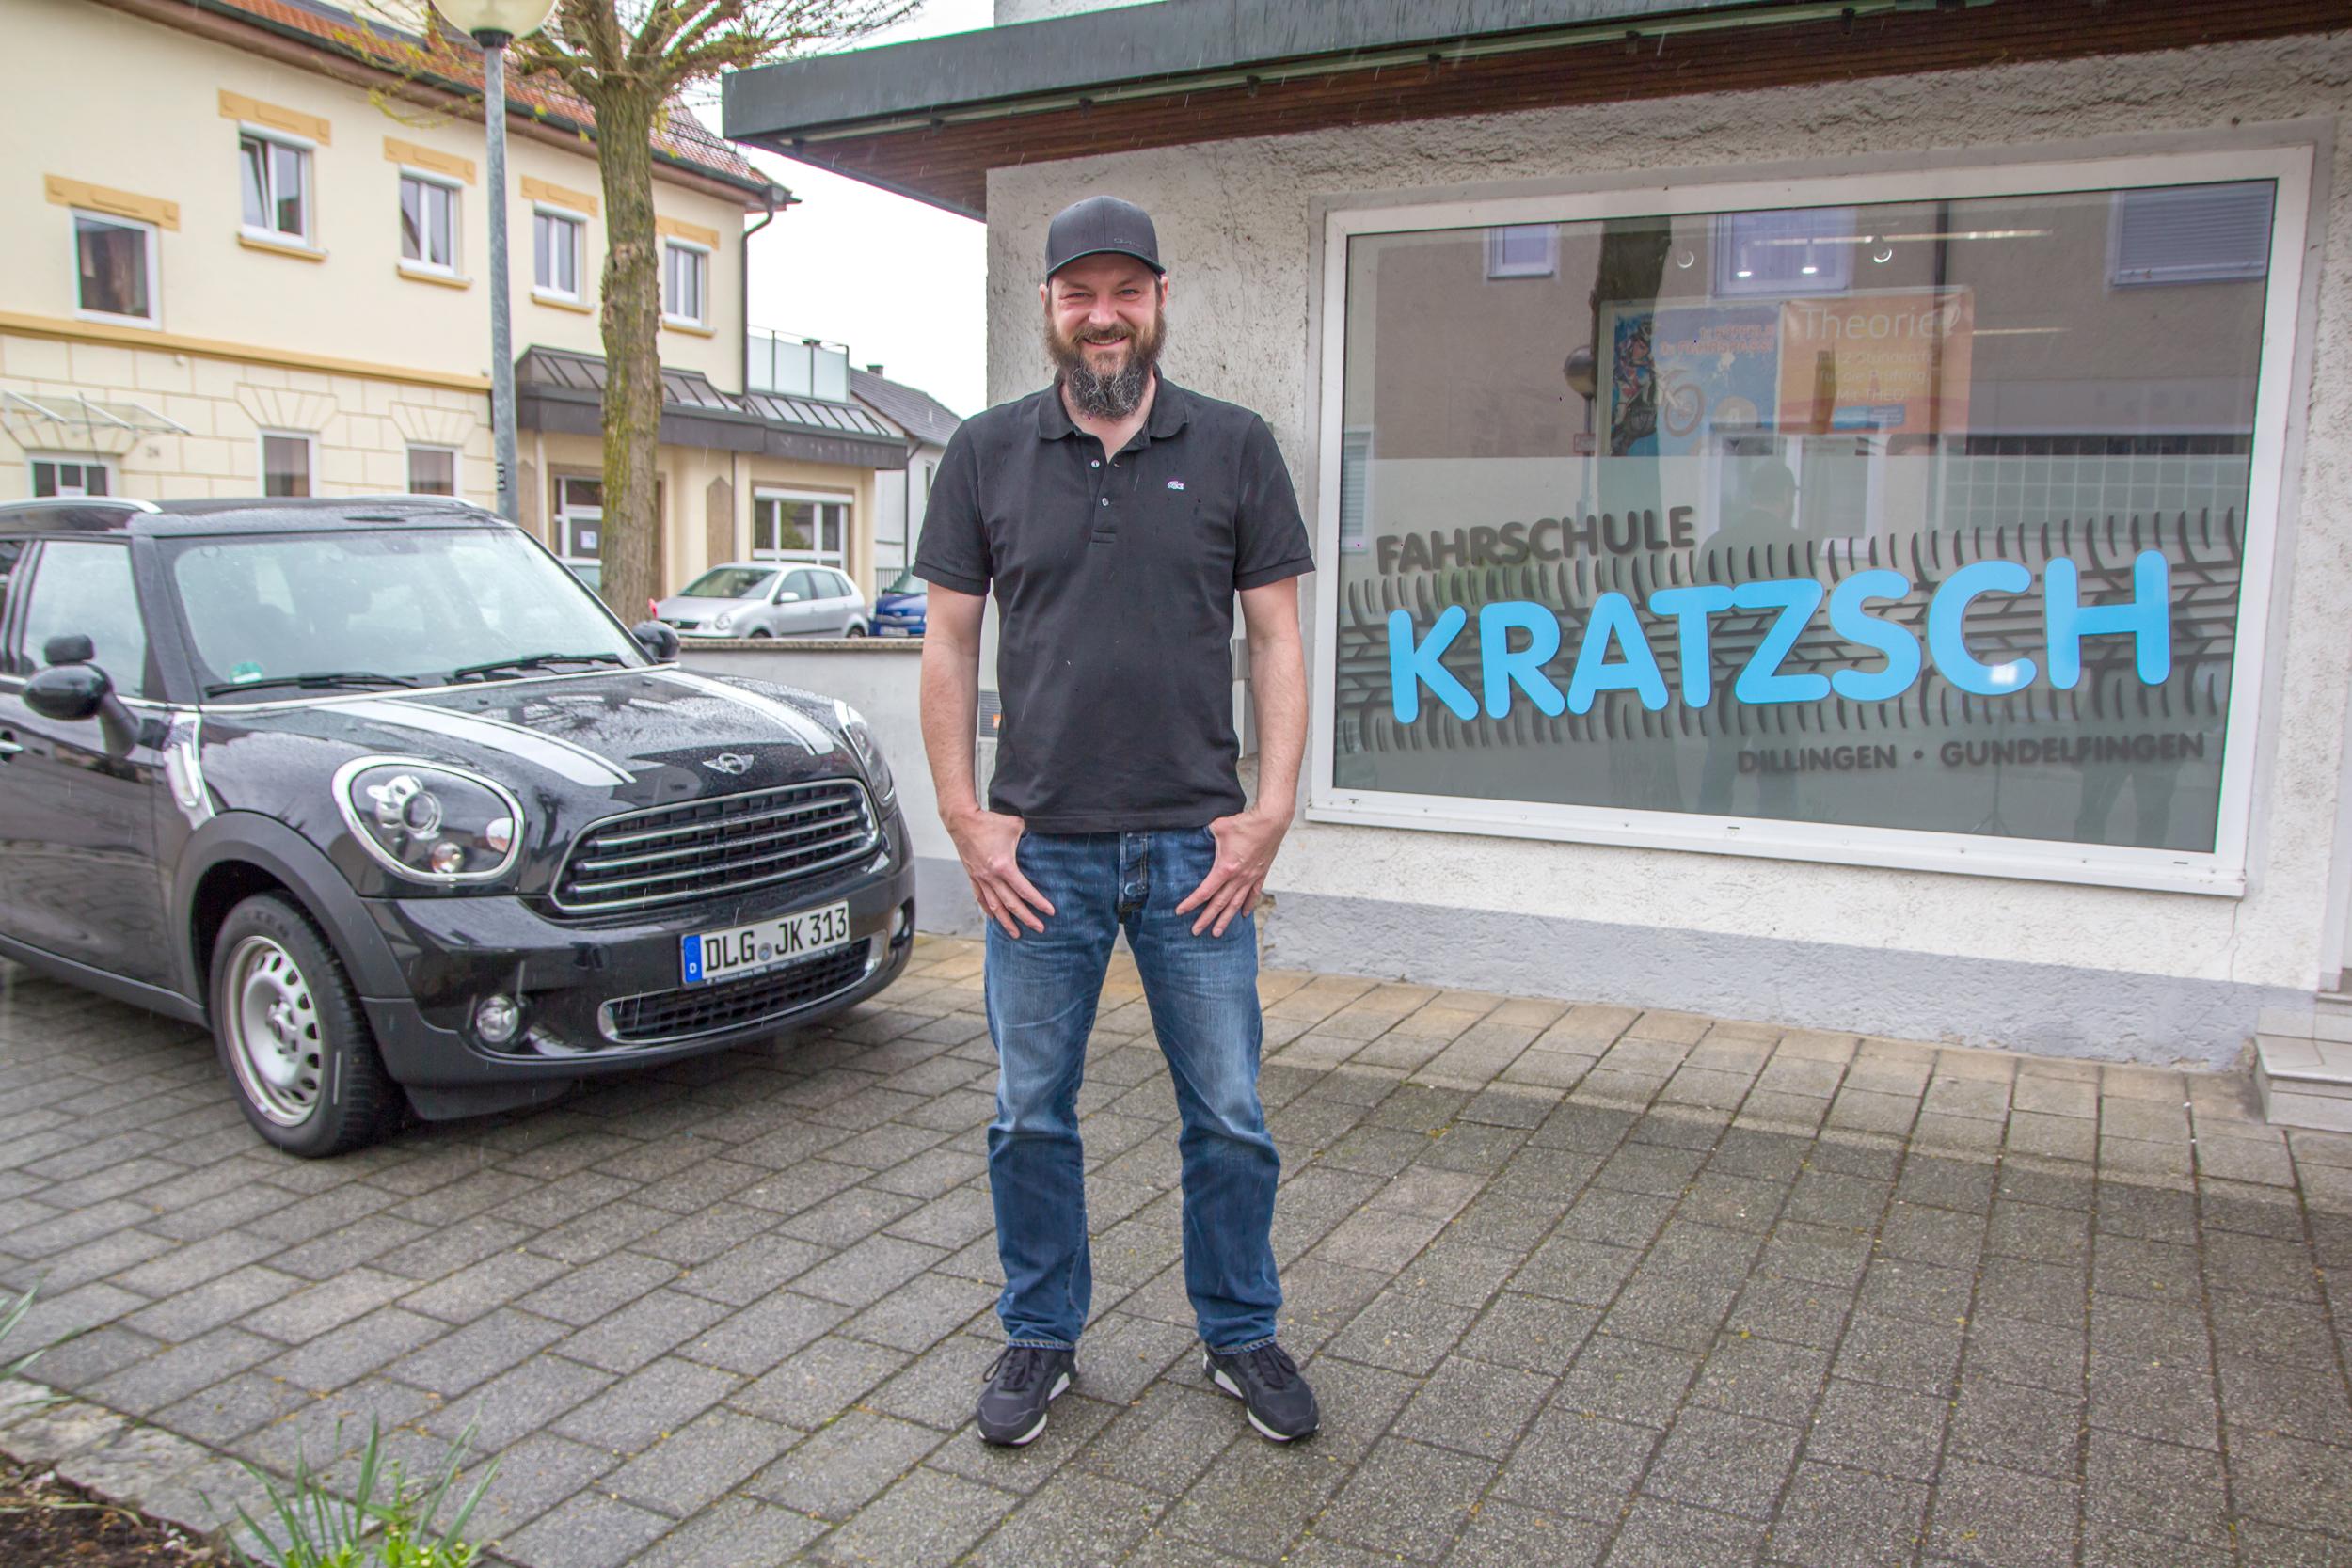 Kratzsch-Fotos-1495